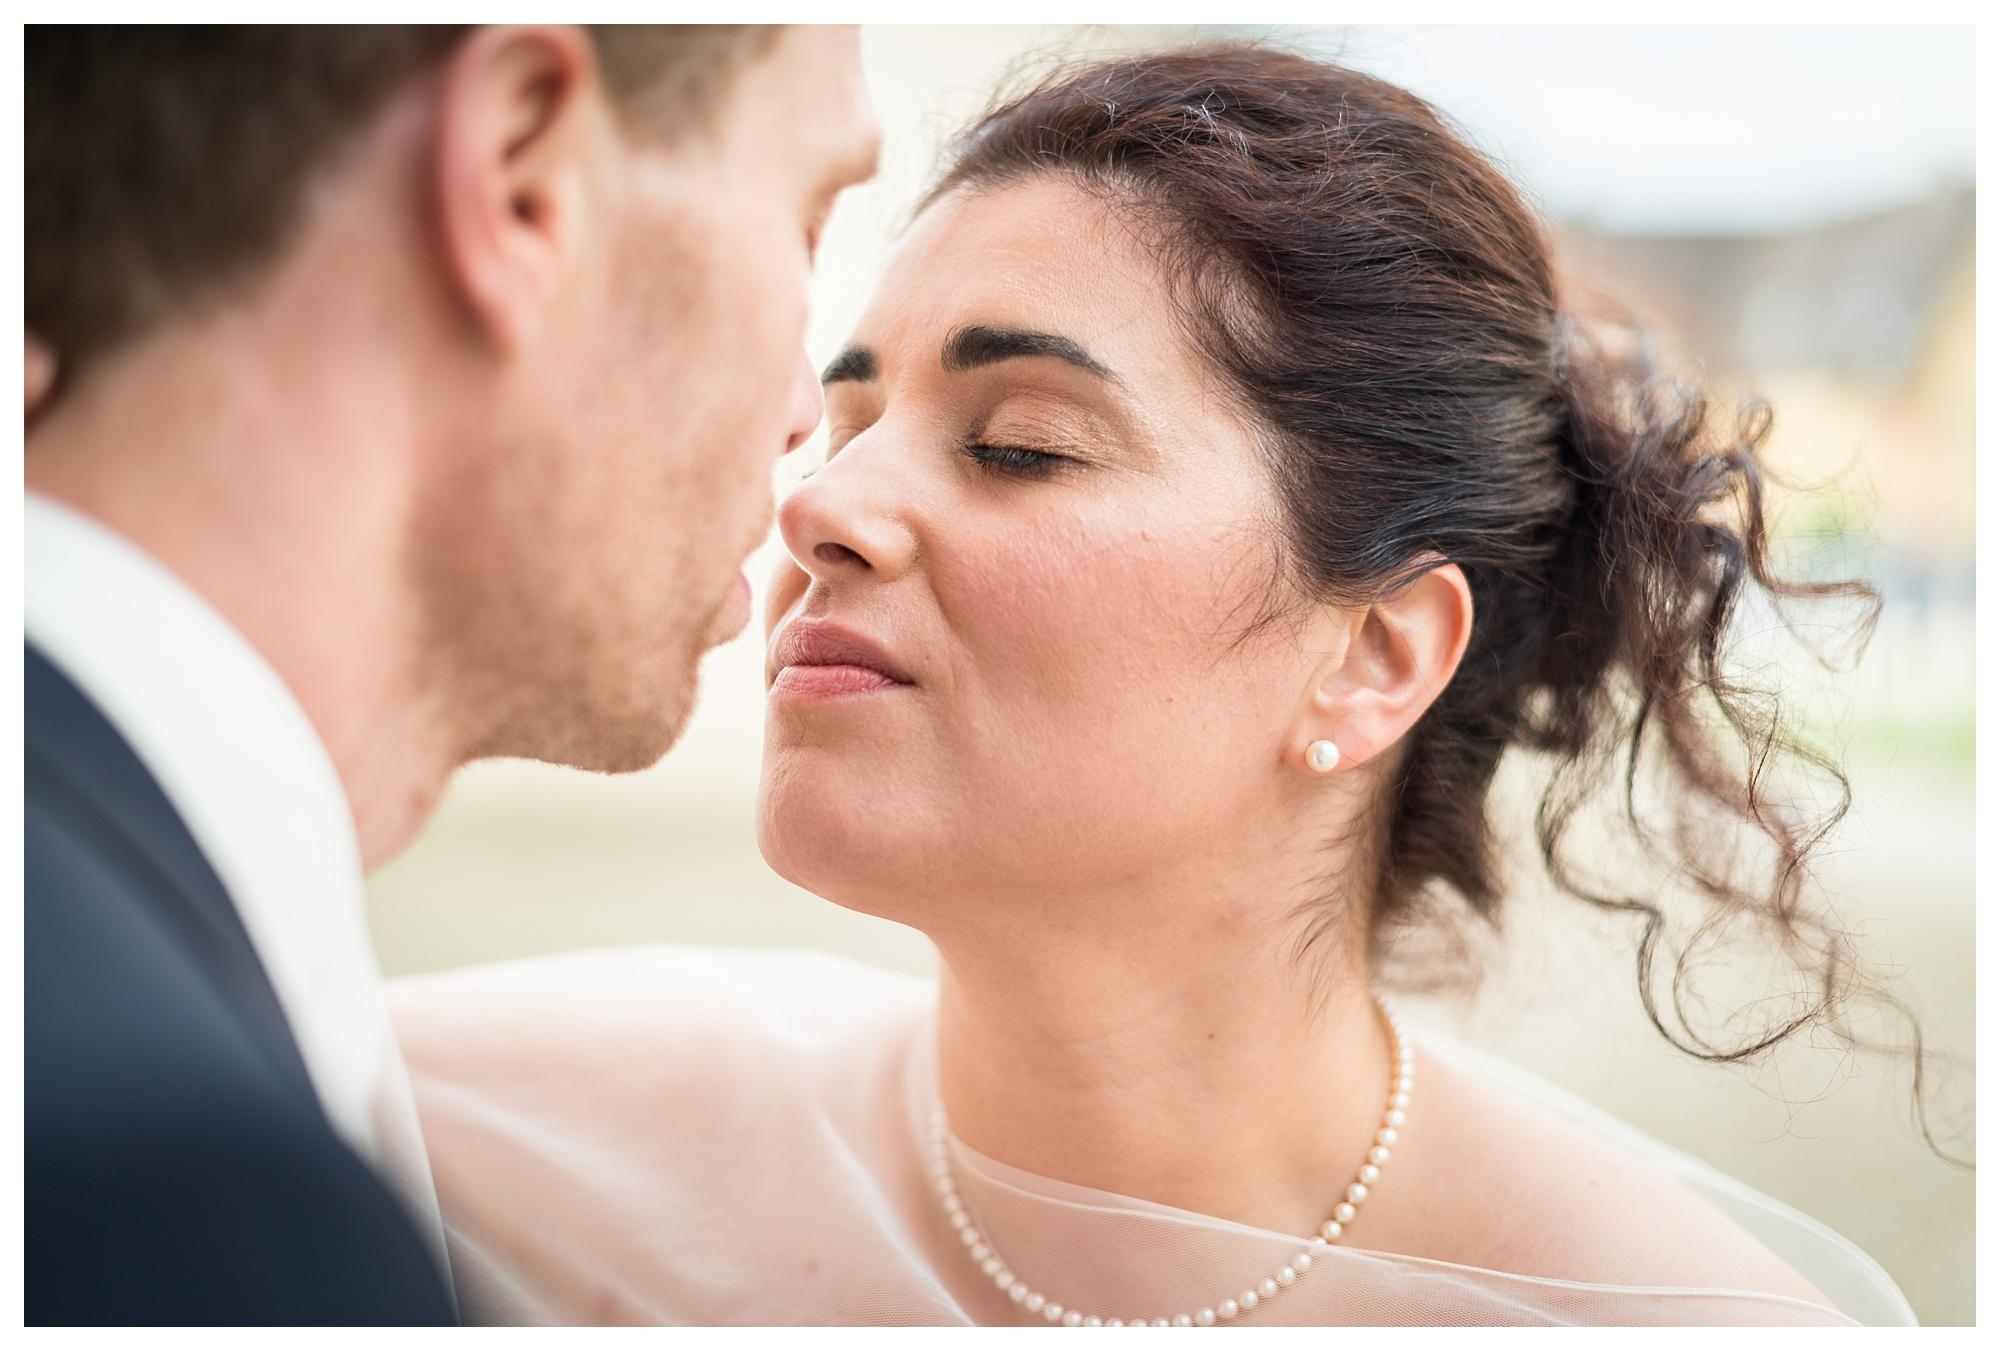 Fotograf Konstanz - Hochzeit Tanja Elmar Elmar Feuerbacher Photography Konstanz Messkirch Highlights 083 - Hochzeitsreportage von Tanja und Elmar im Schloss Meßkirch  - 79 -